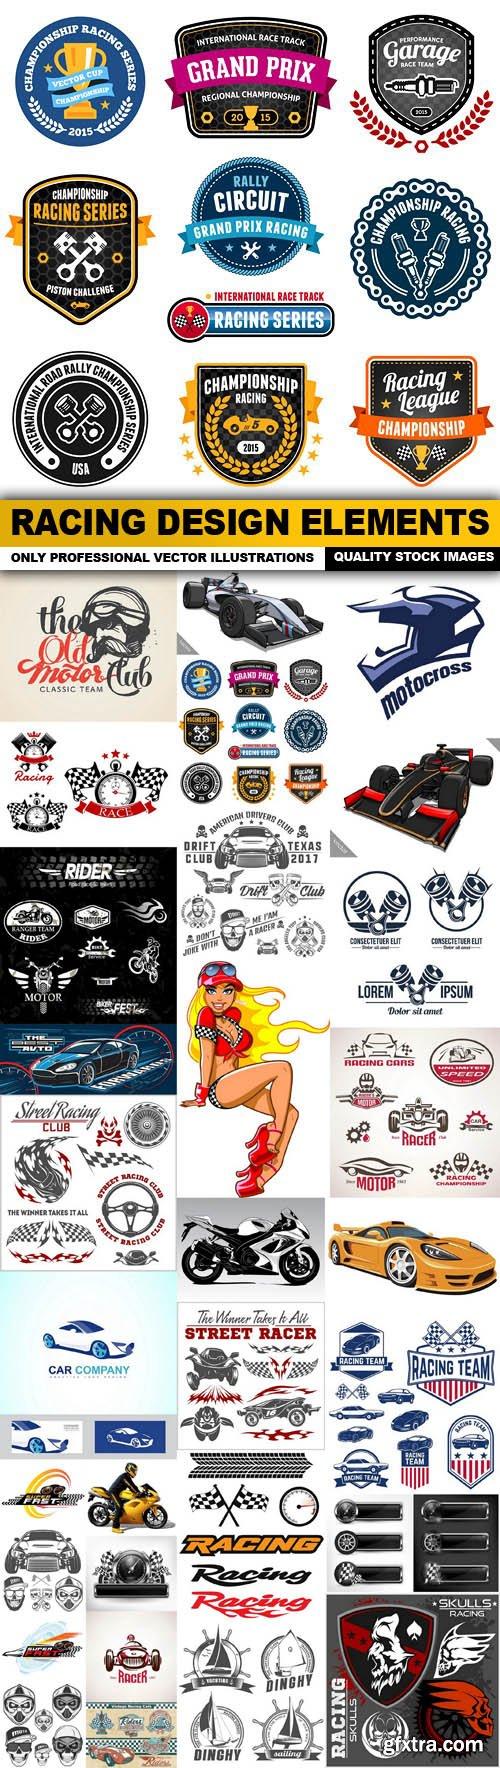 Racing Design Elements - 30 Vector